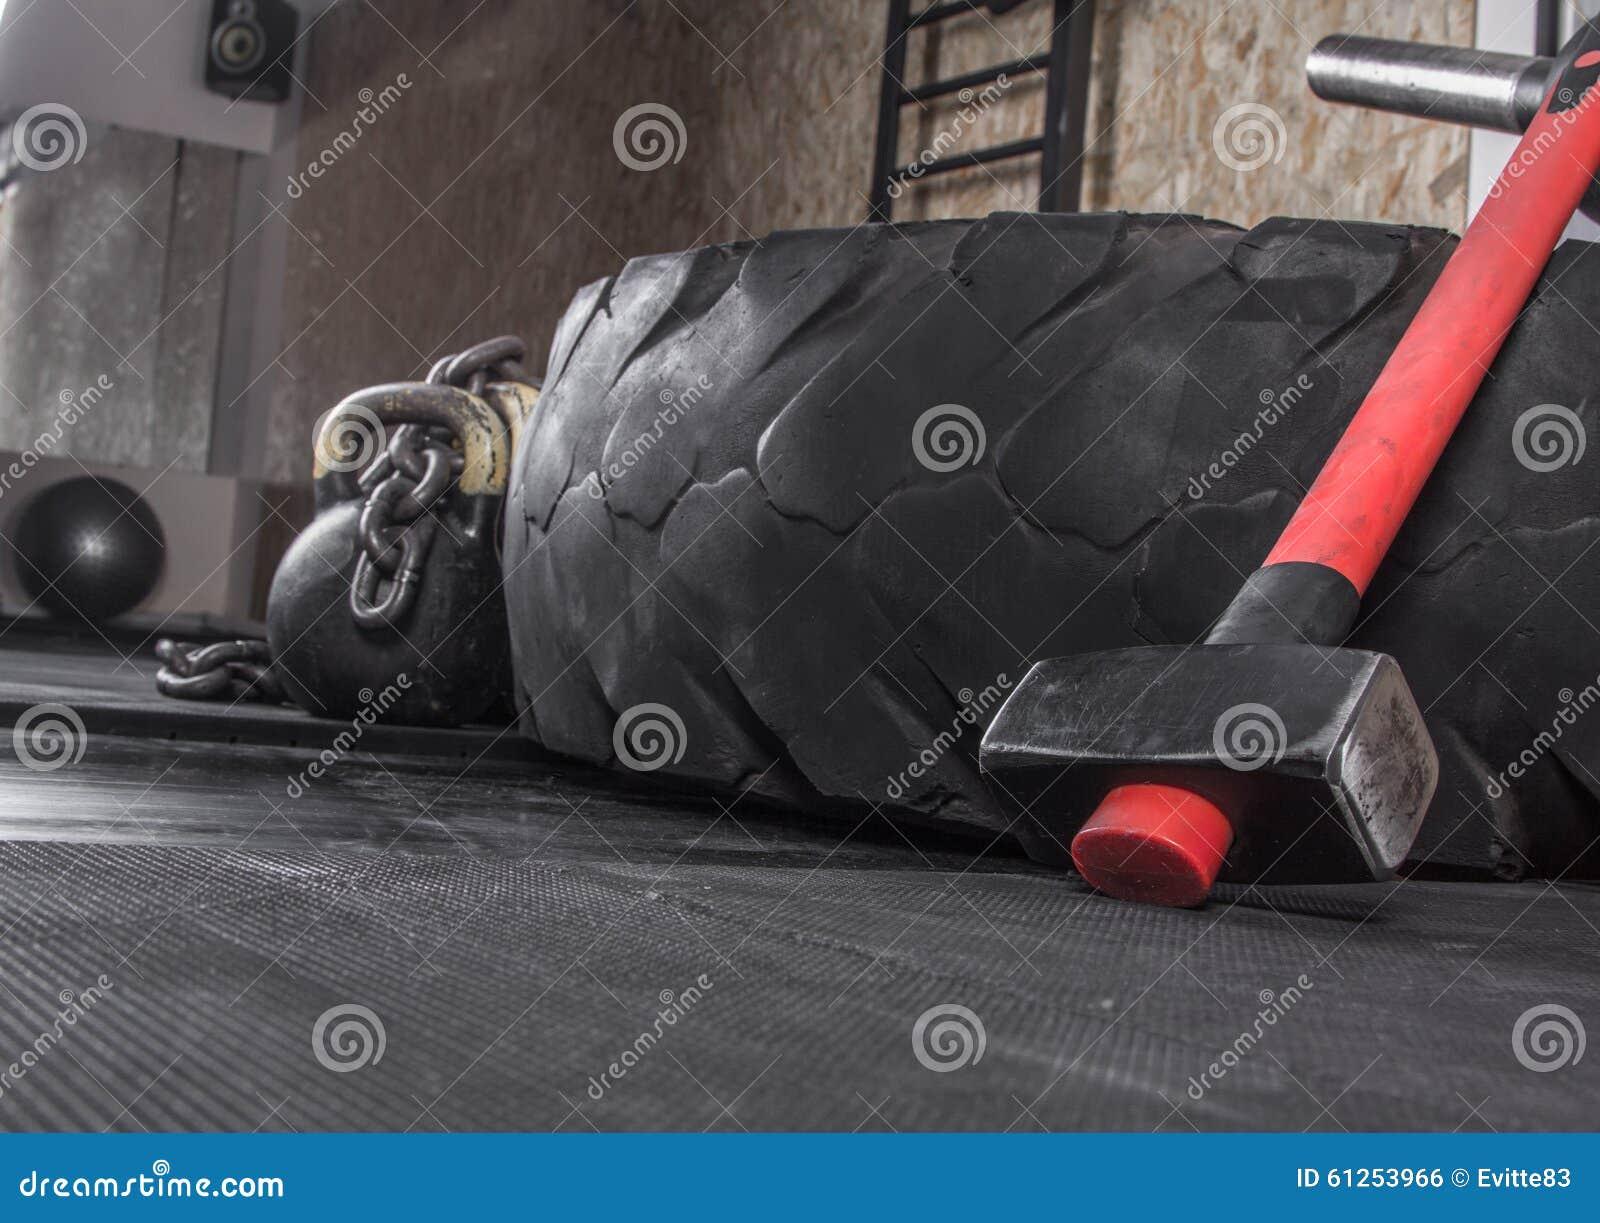 Équipement différent de crossfit utilisé pour la formation de crossfit au centre de fitness